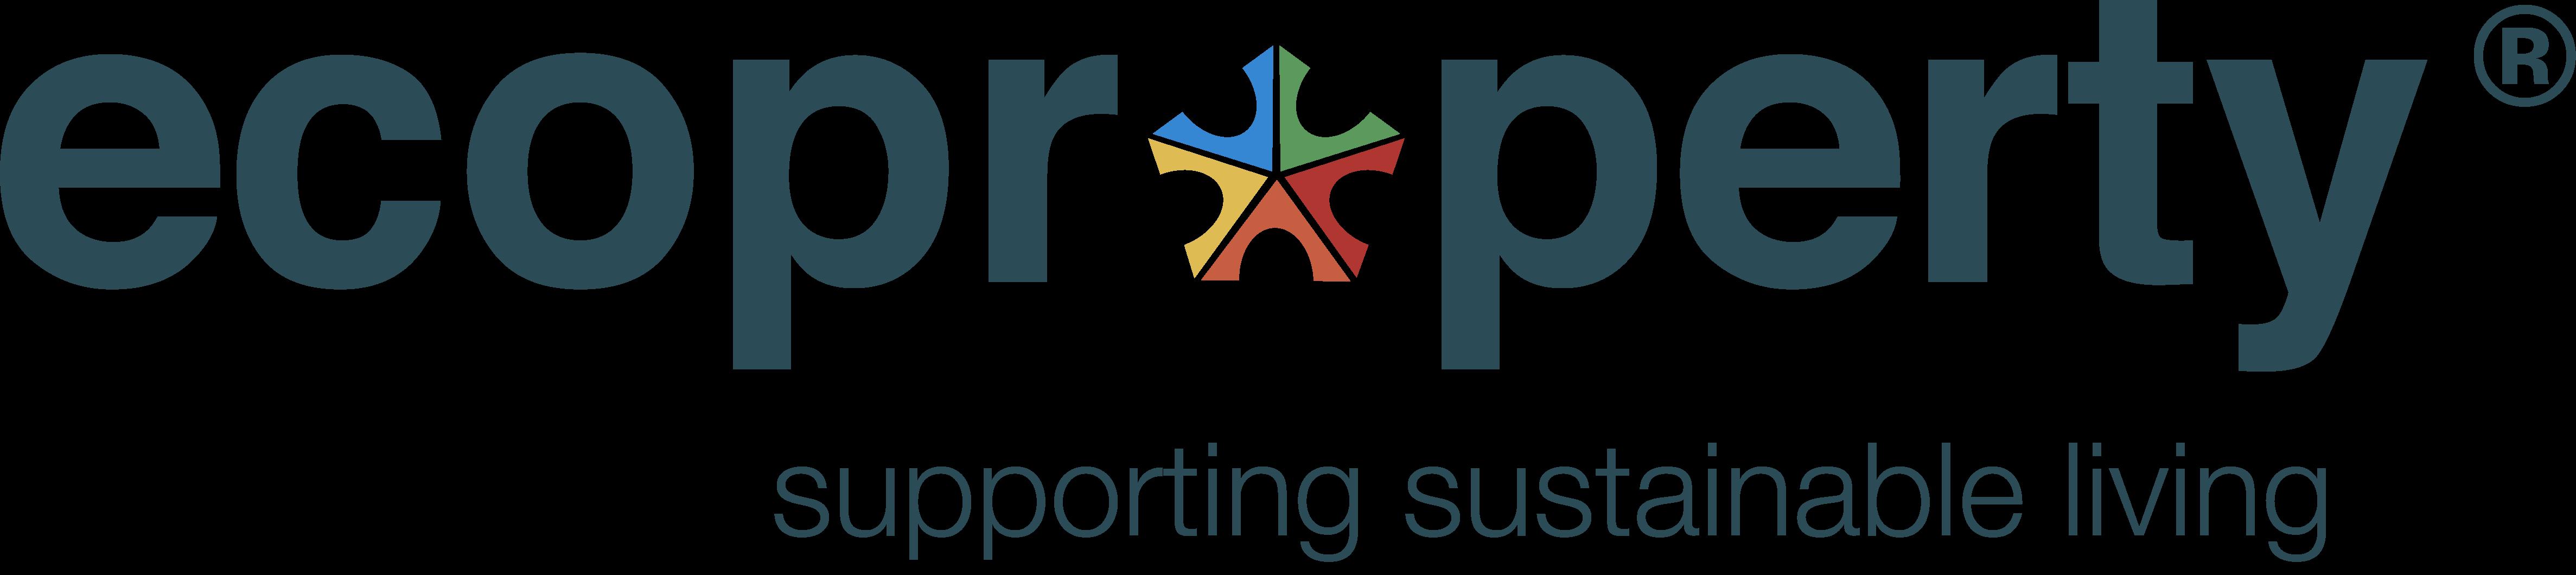 EcoProperty Pty Ltd -